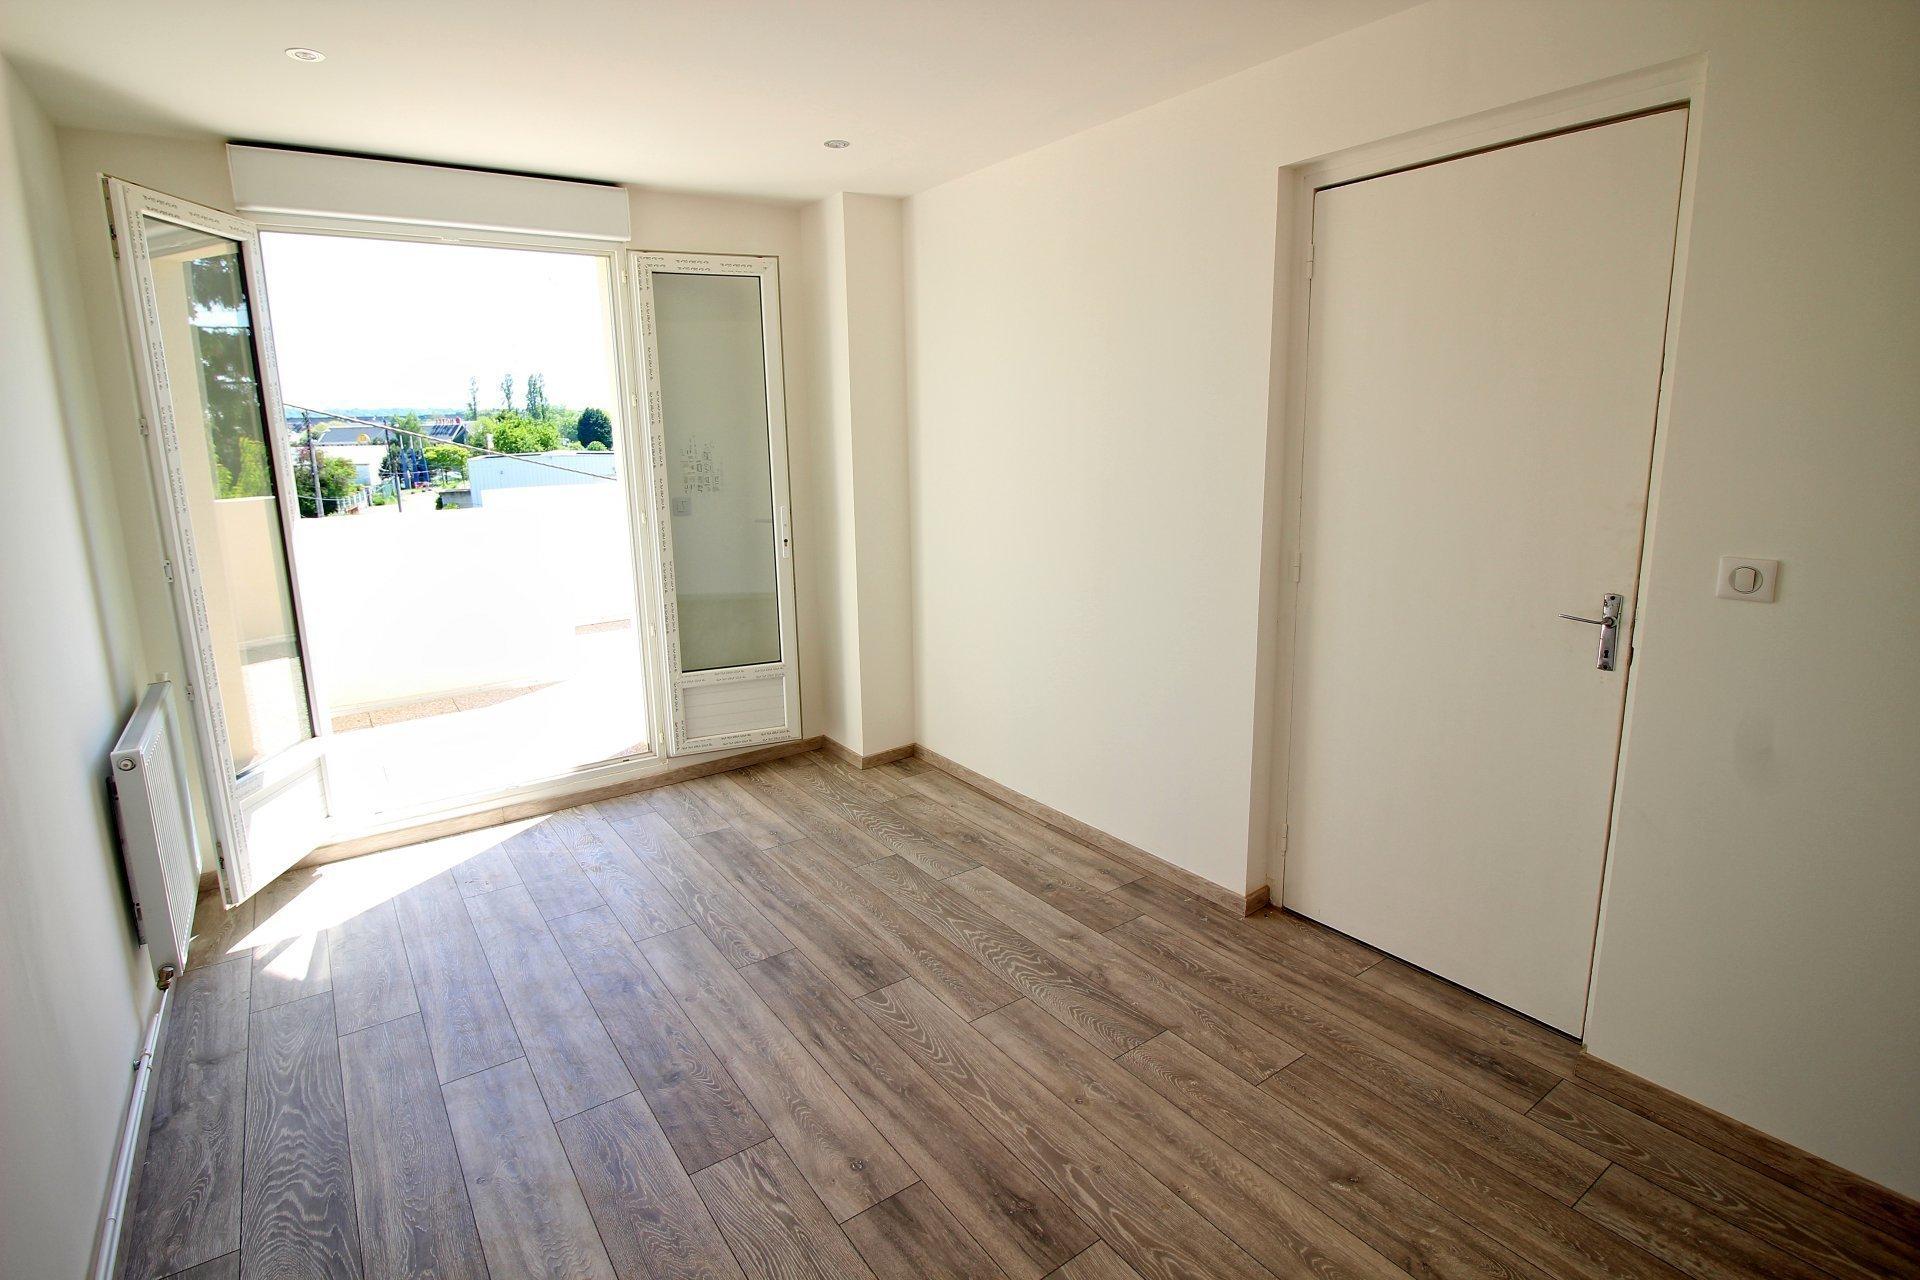 A vendre maison de ville à Saint-Etienne-Du-Rouvray